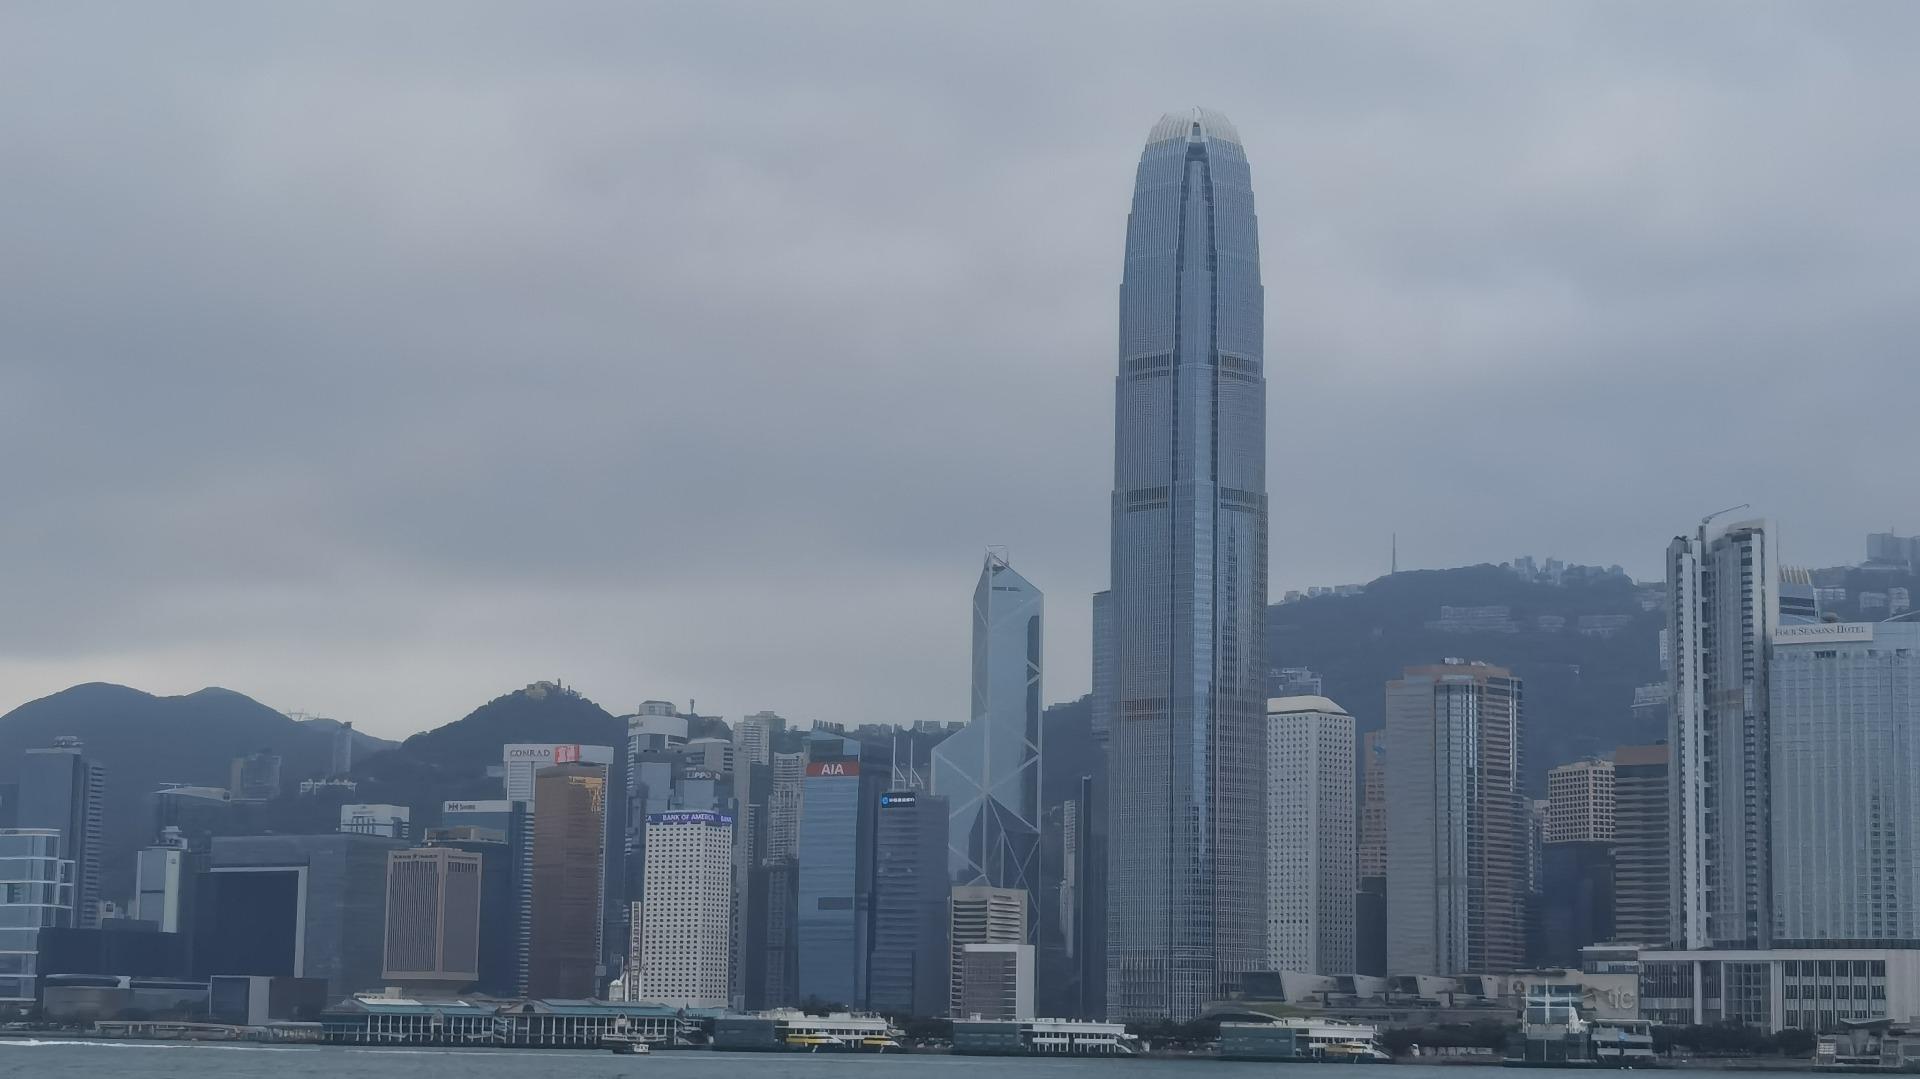 譚惠珠:國家已經提速快跑 香港不可坐失良機